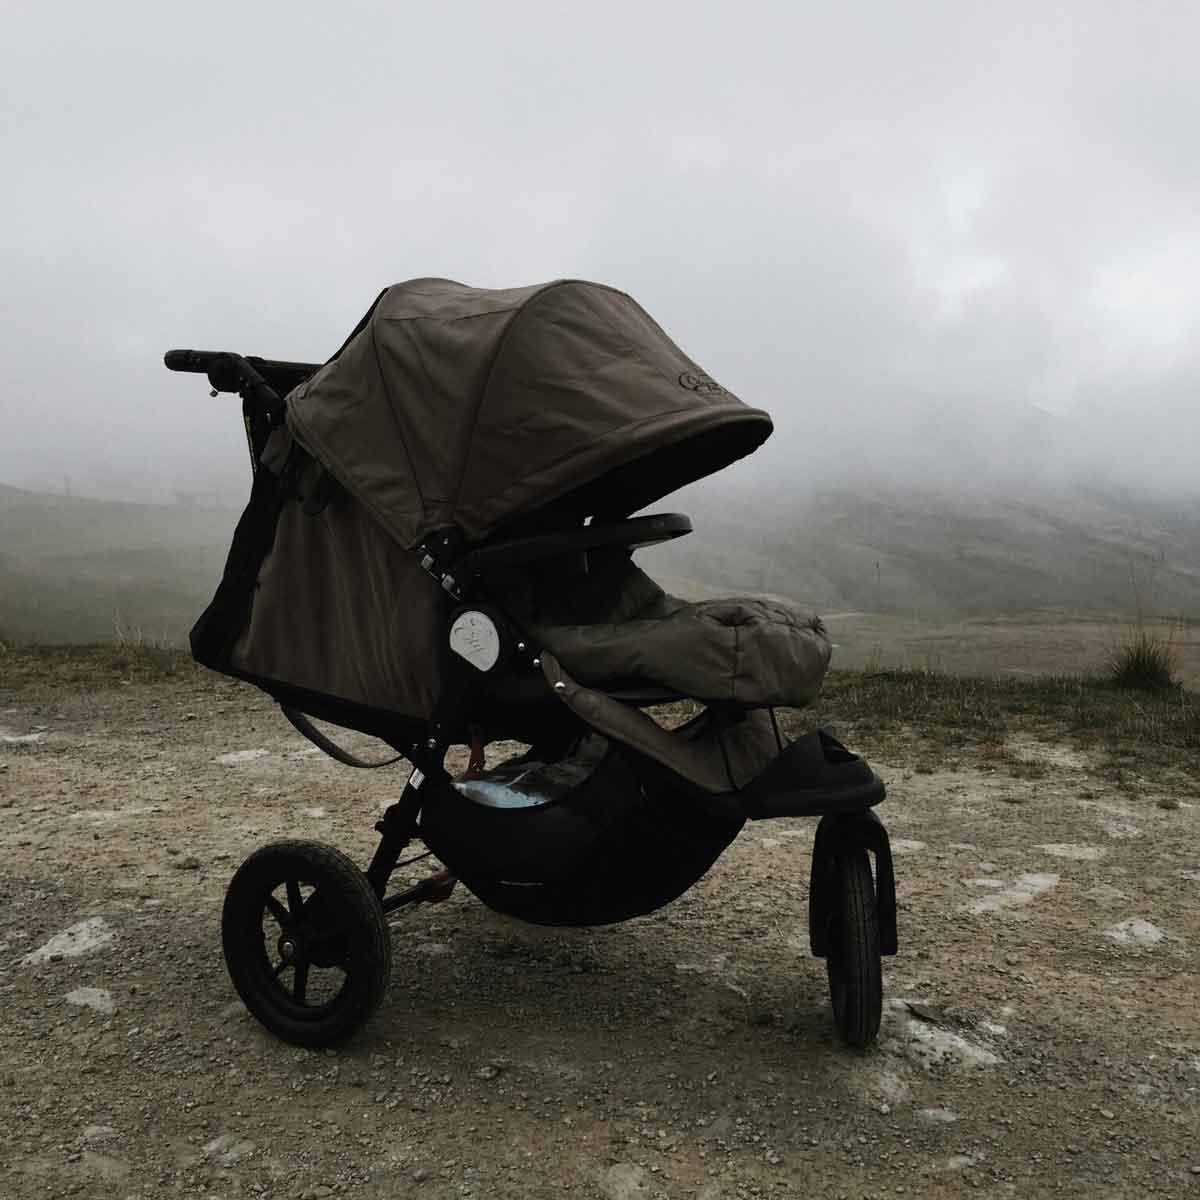 Babyjogger Kinderwagen Berg Nebel Bergsteigen - How we stoll | 4 Jahre mit dem Babyjogger